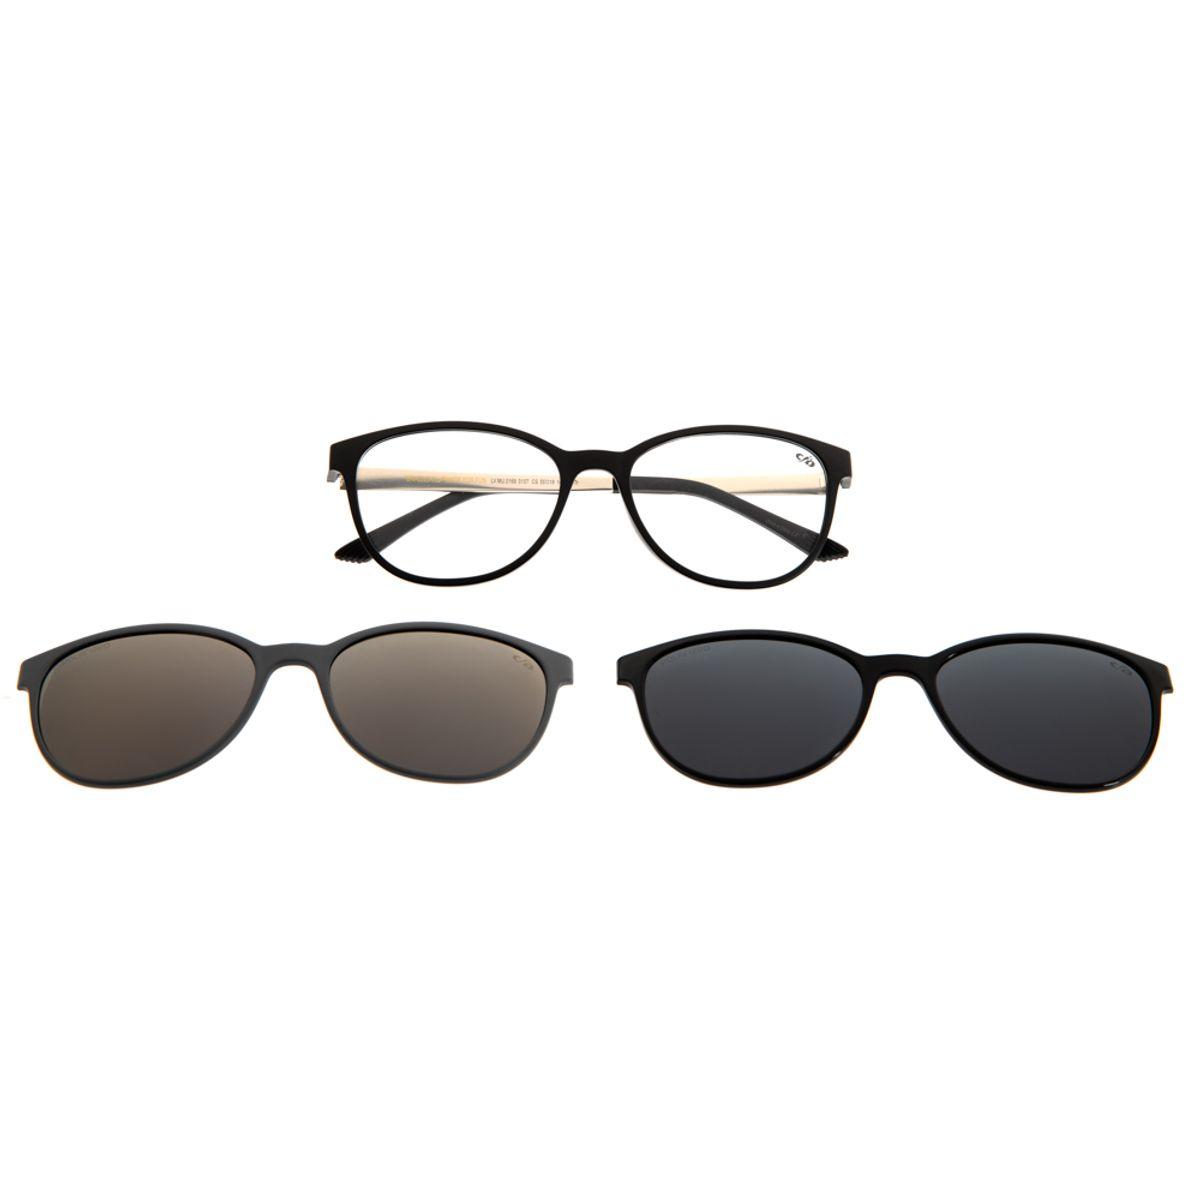 2df9b4899 Armação para Óculos de Grau Feminino Chilli Beans Multi 2 em 1 ...